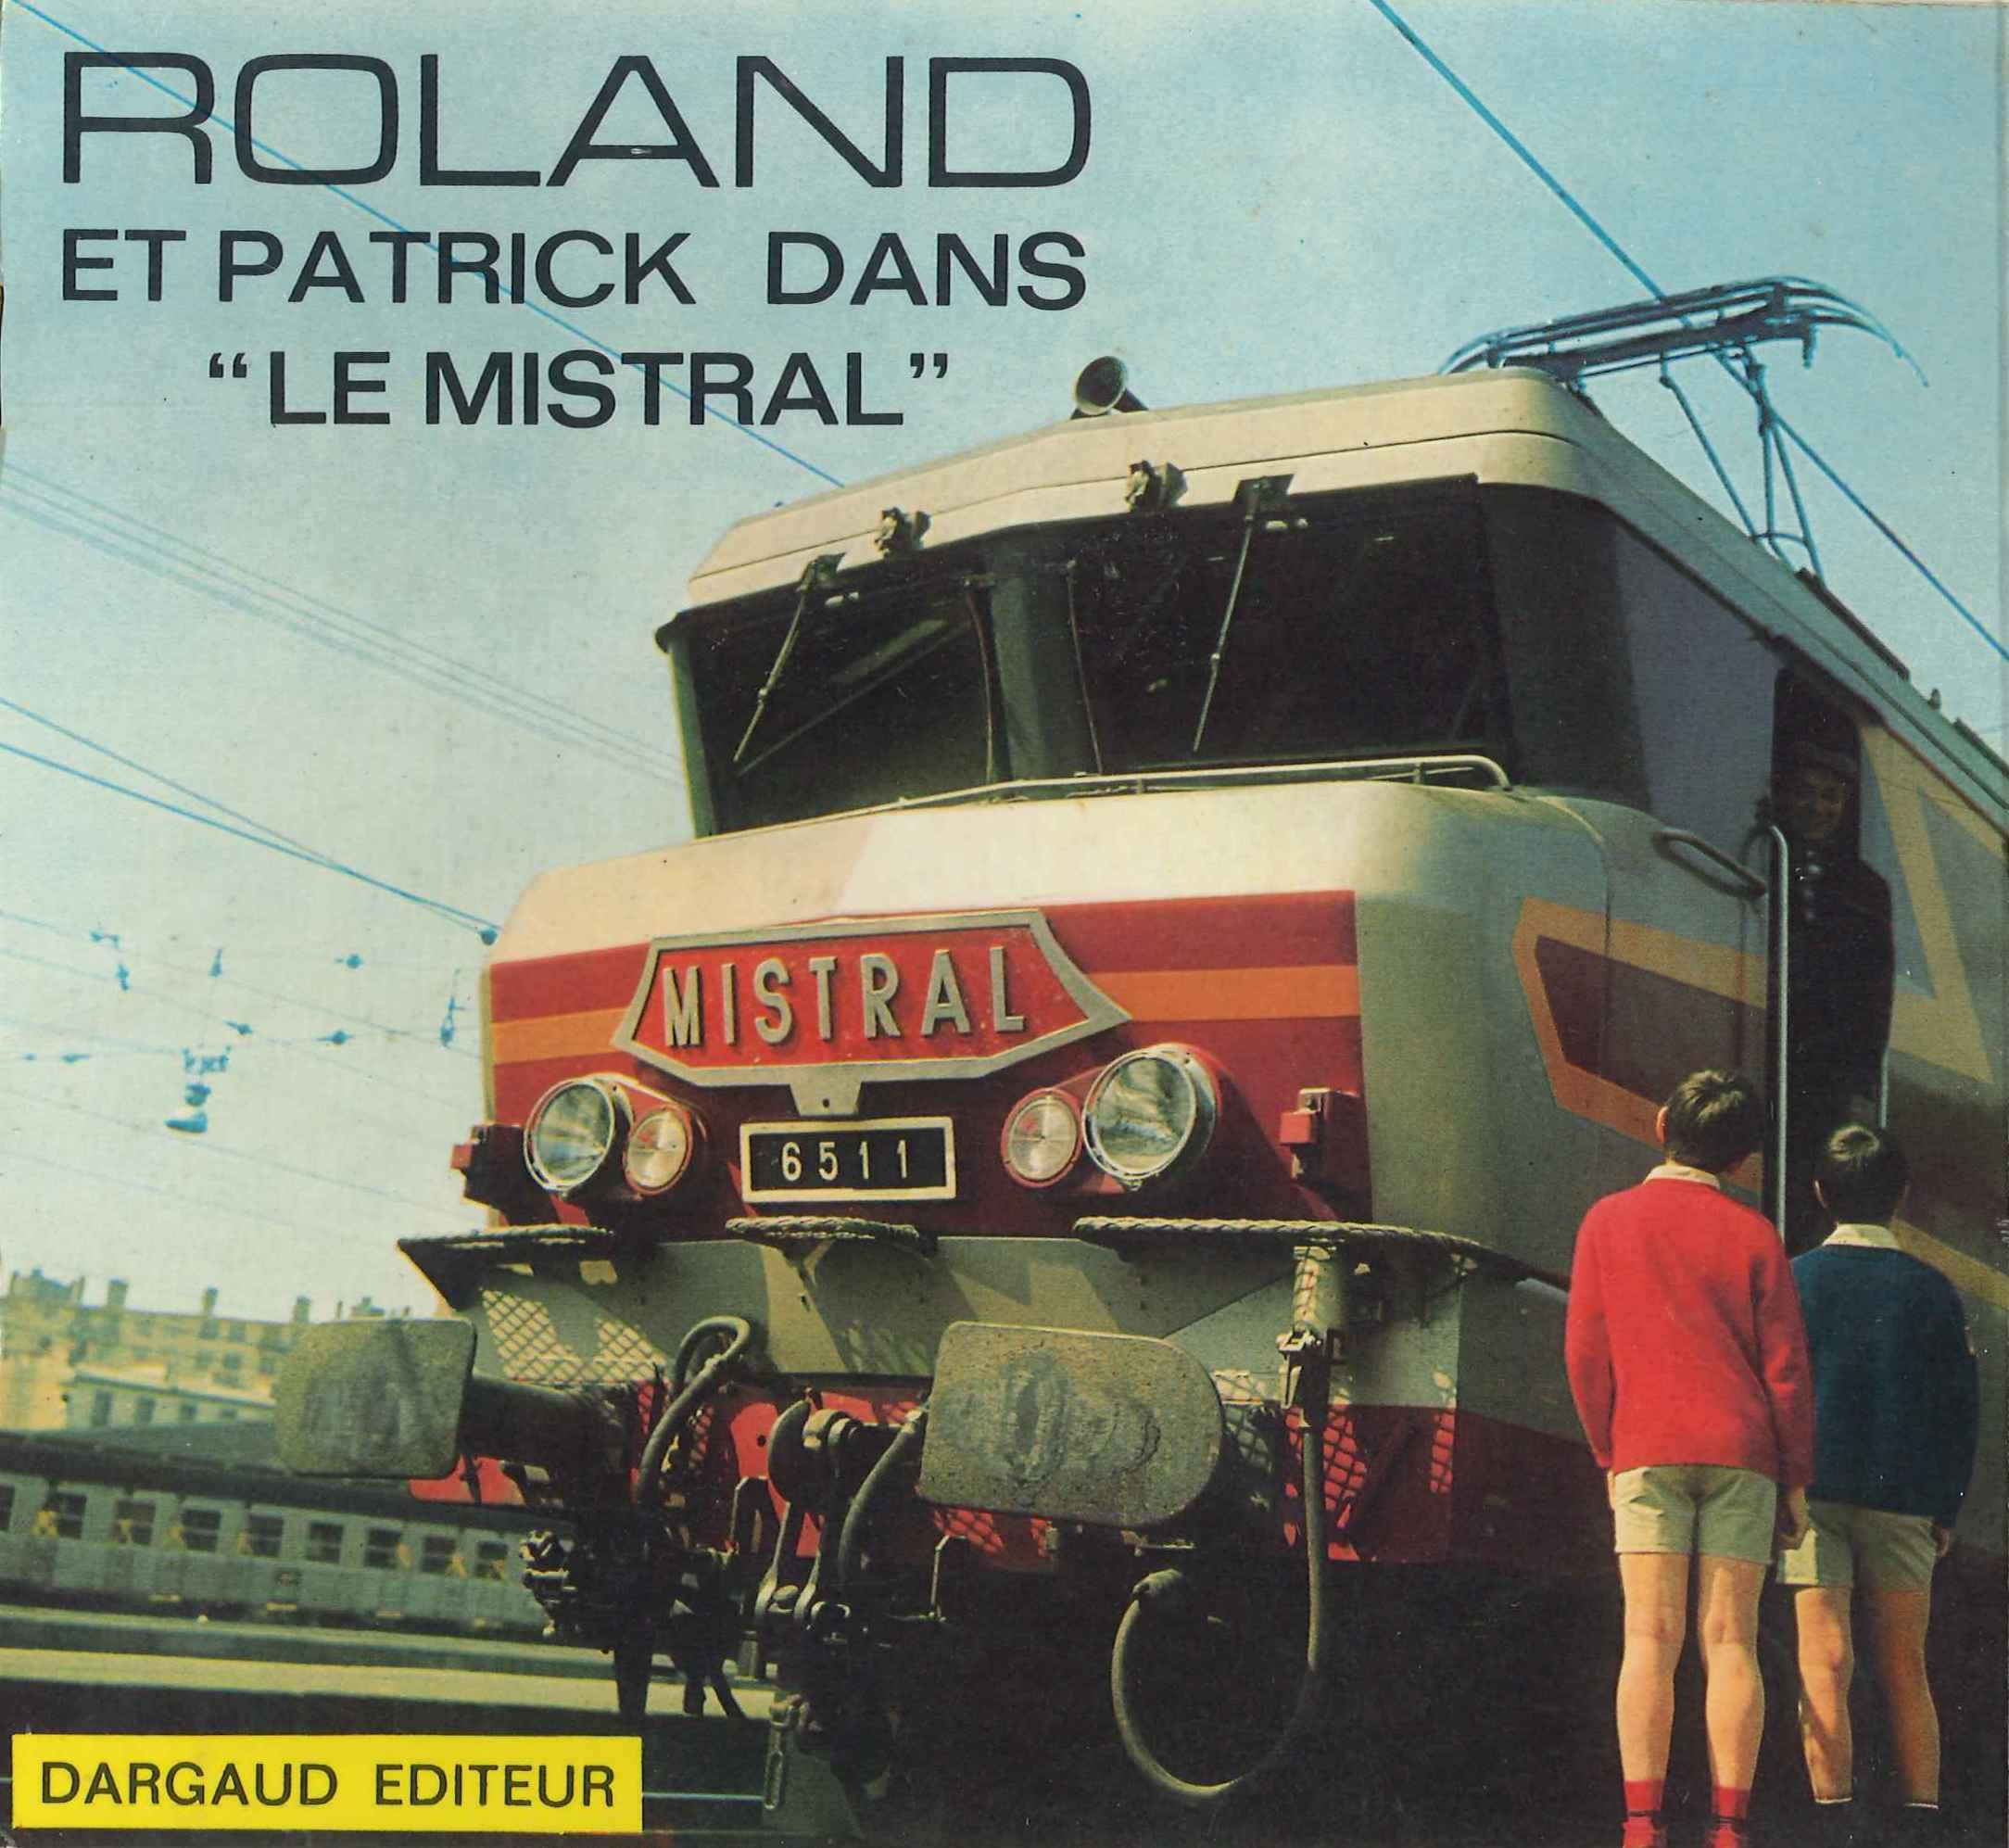 1971_gargaud_mistral_roland_000.jpg